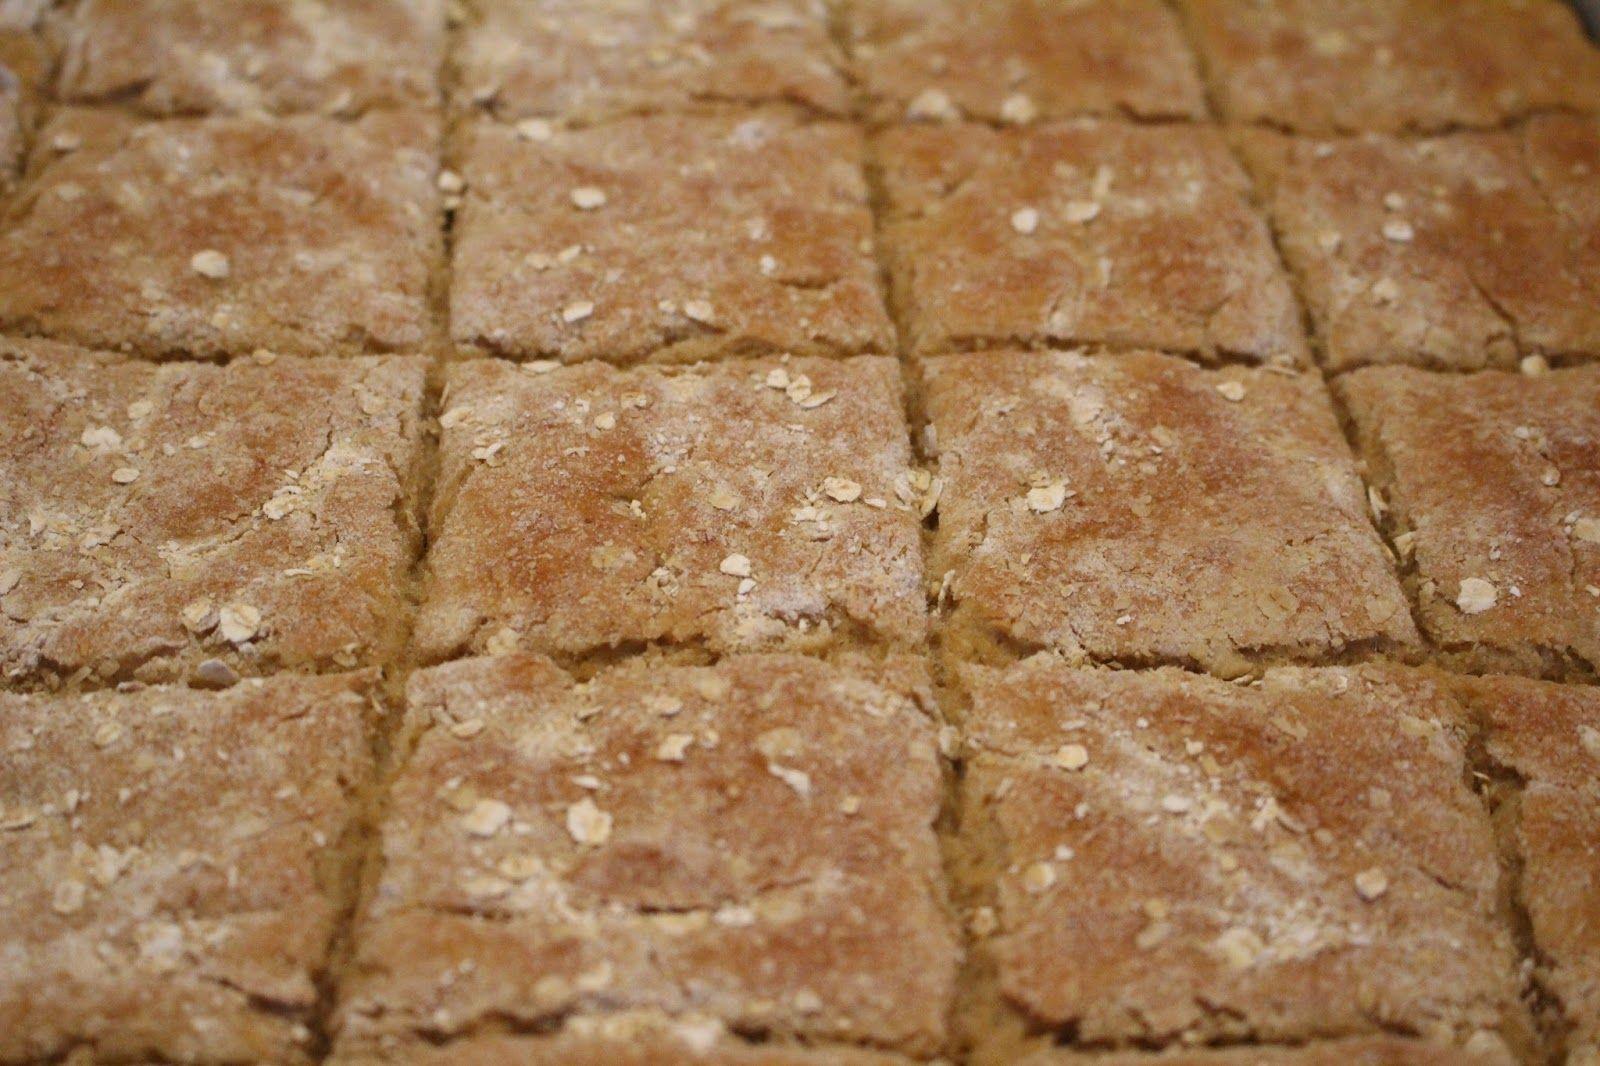 Gluteeniton leipä on ollut minulle aina vähän haastavaa saada onnistumaan. Olin yllättynyt, miten hyvin nämä kauraleipäset o...